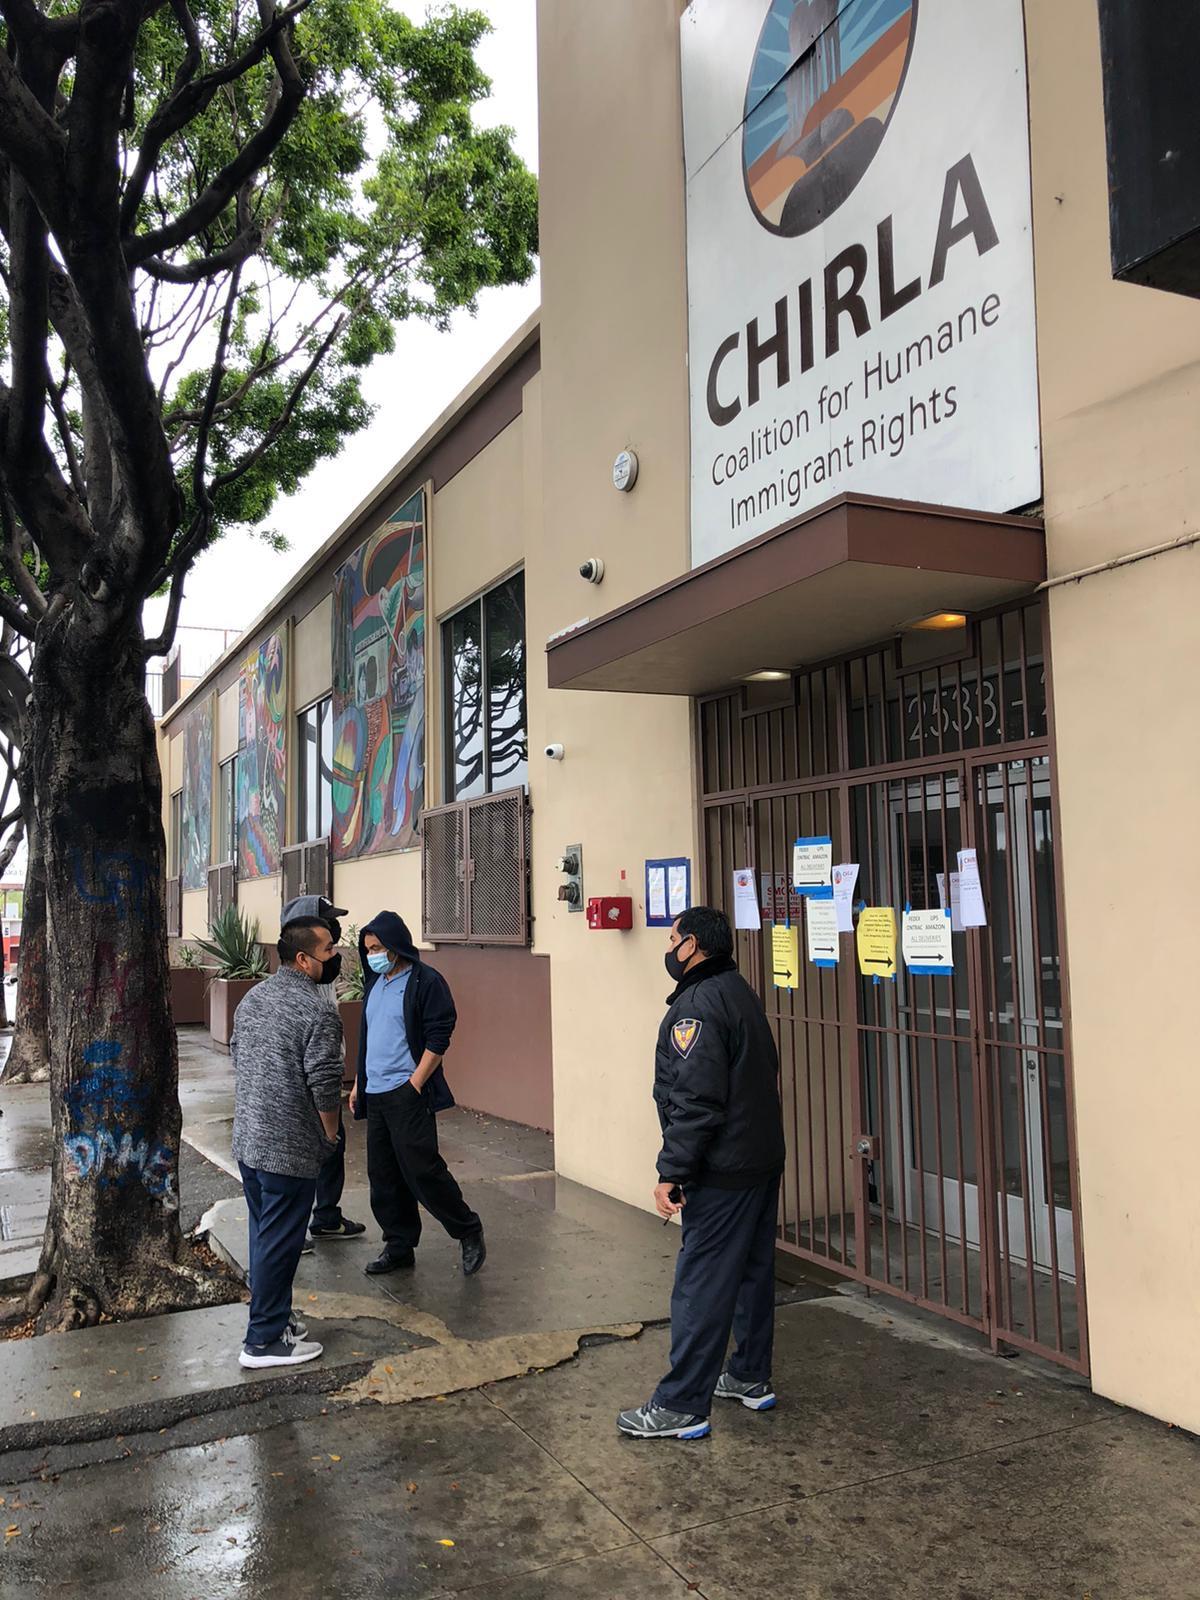 Migrantes se acercaron a las oficinas de Chirla en Los Ángeles este lunes, tras no poderse comunicar pero los refirieron a llamar a las líneas de teléfono designadas.